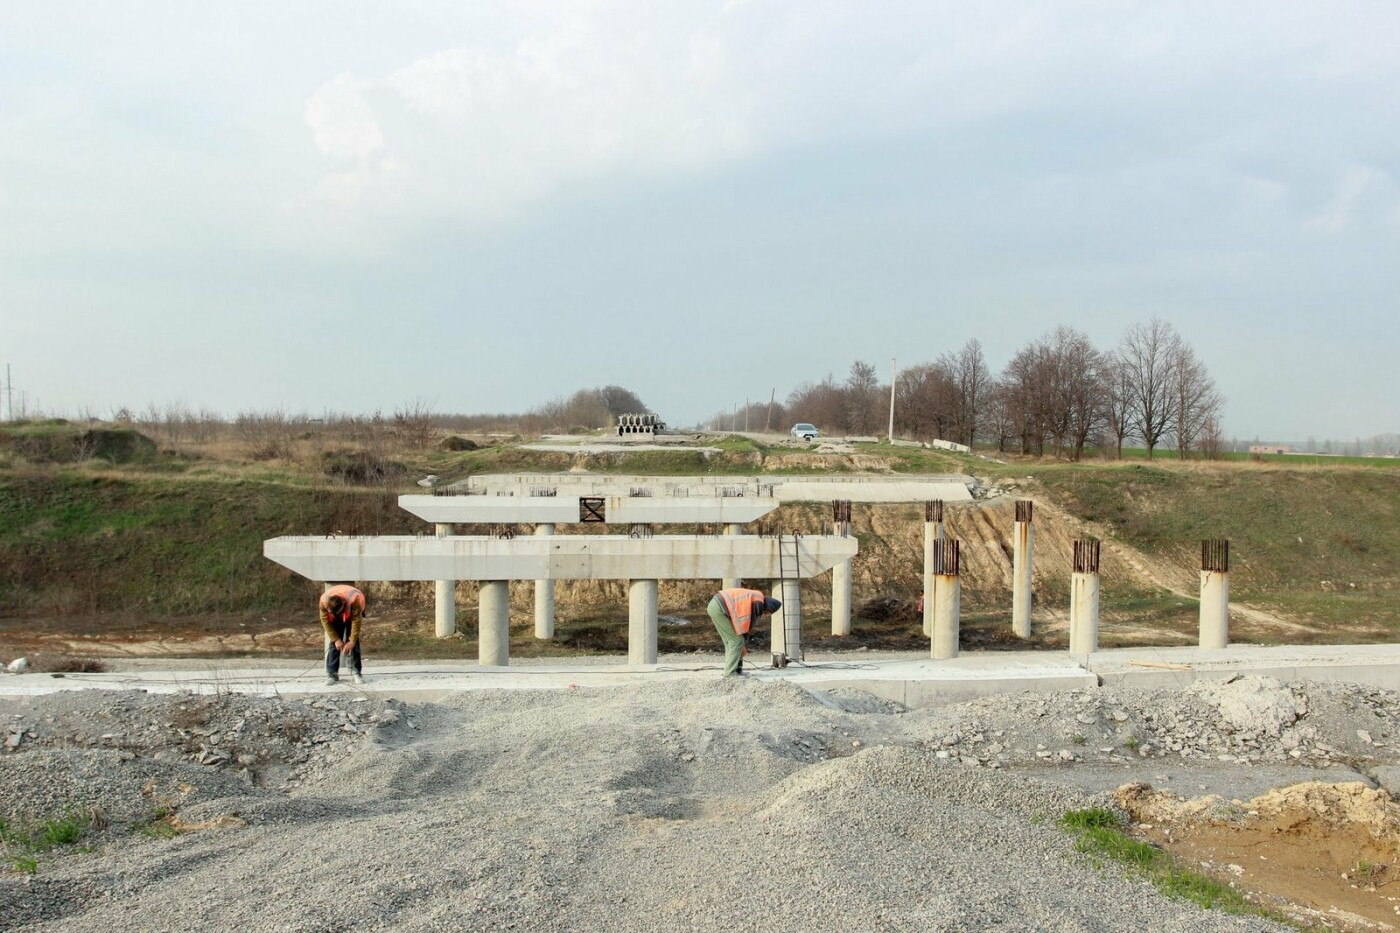 Началось строительство второй очереди объездной дороги вокруг Днепра, фото-1